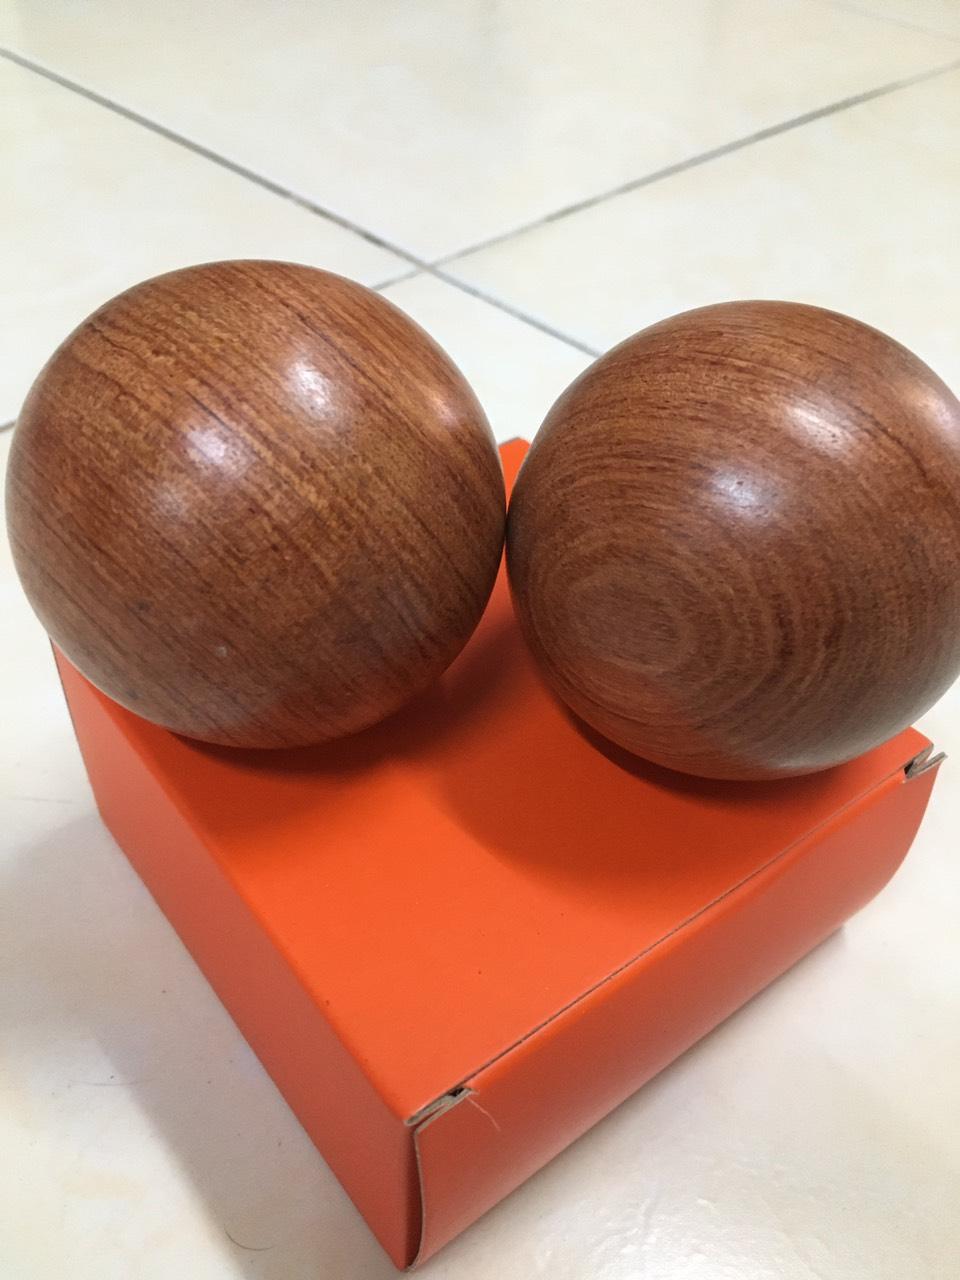 Bi lăn tay hạt gỗ Hương - 5cm ( hình thật ) (2 viên)